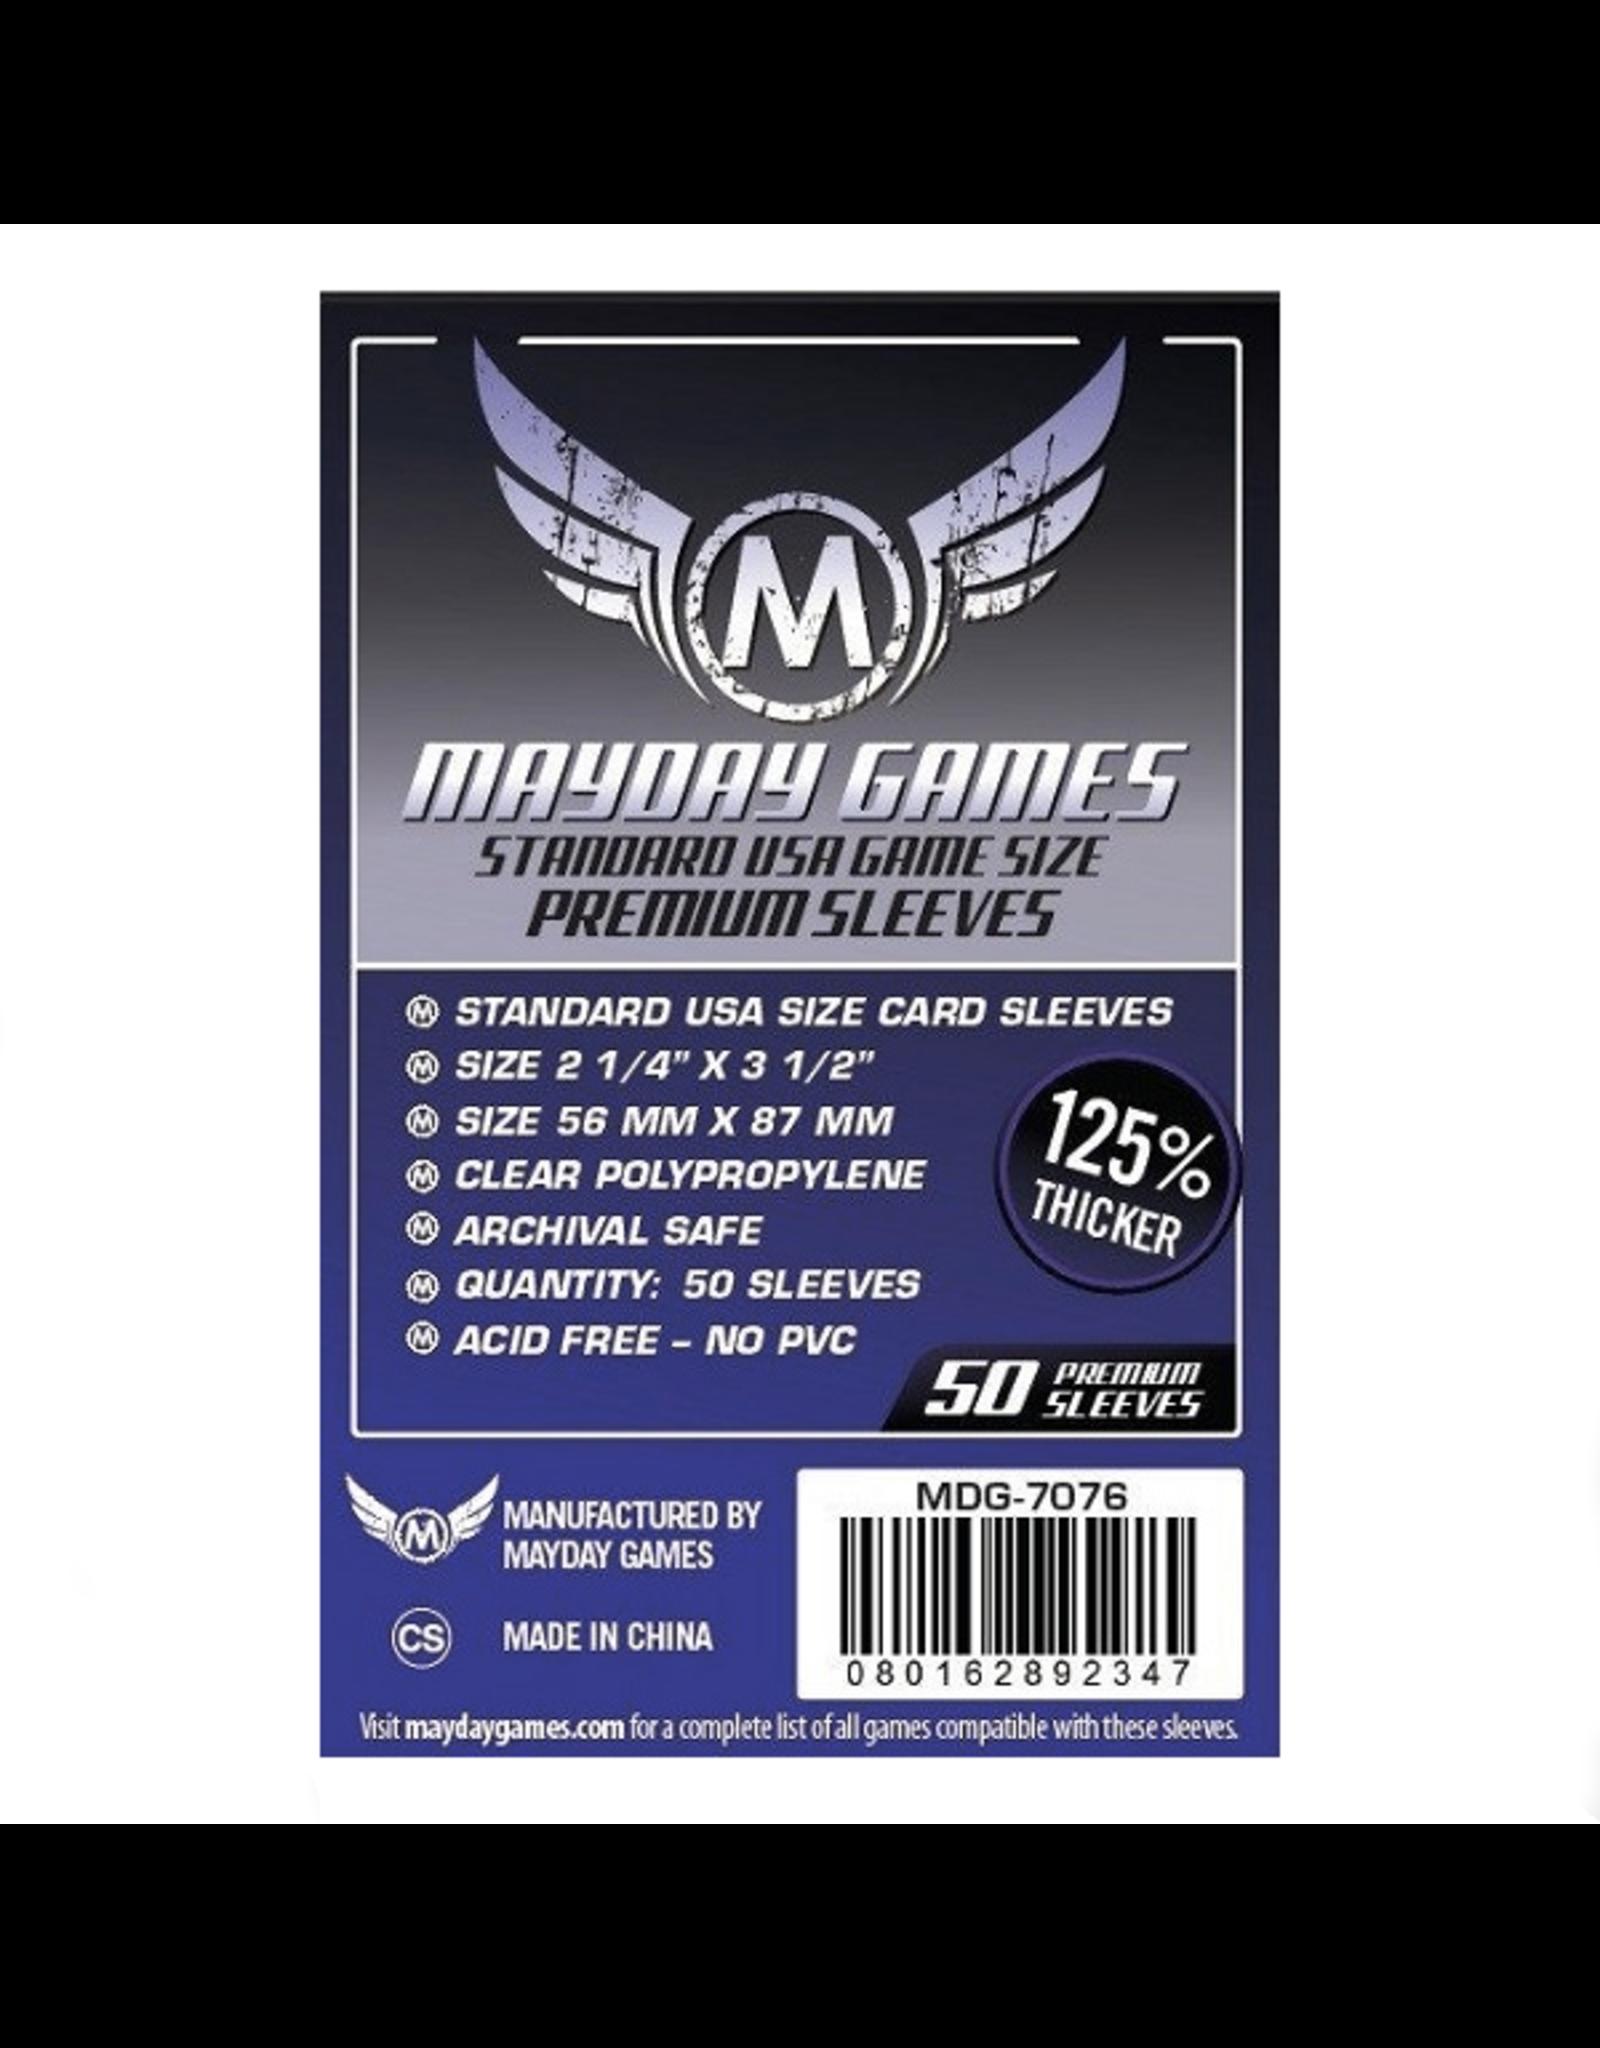 Mayday Games Protecteurs de cartes (56mm x 87mm) - Paquet de 50 [MDG-7076]